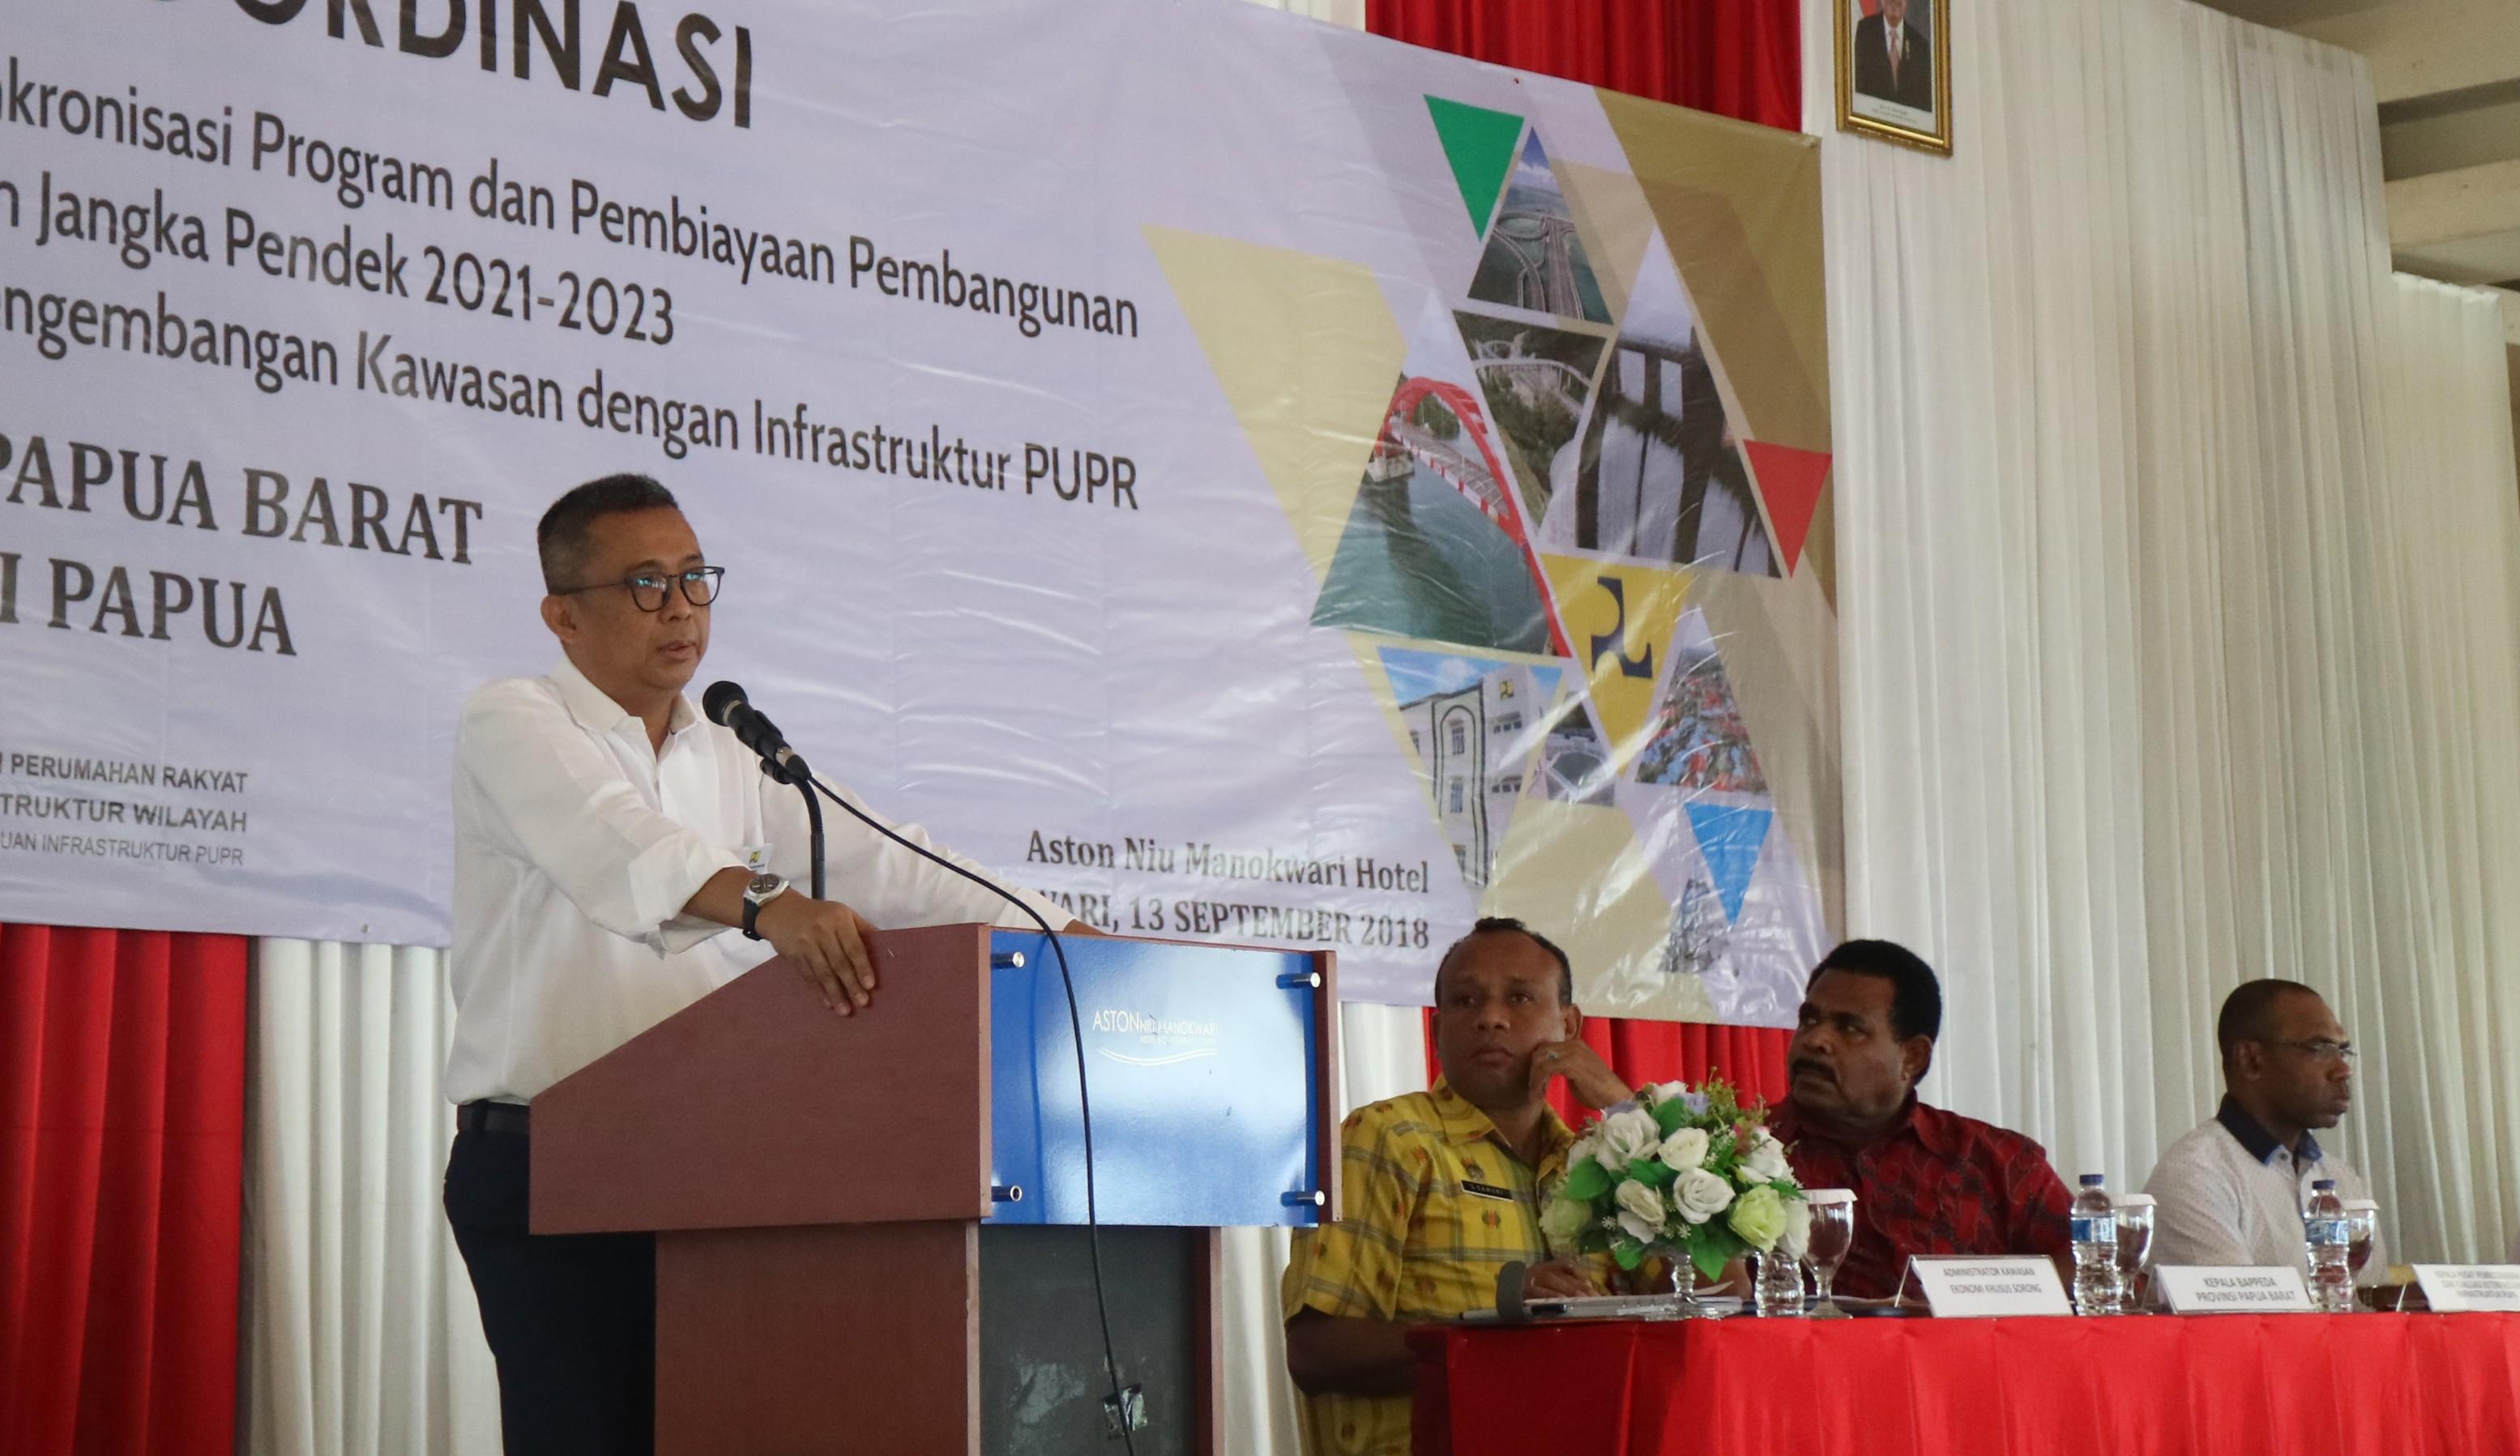 Inilah Isu Strategis Infrastruktur Papua dan Maluku pada 2020 dan 2021-2023